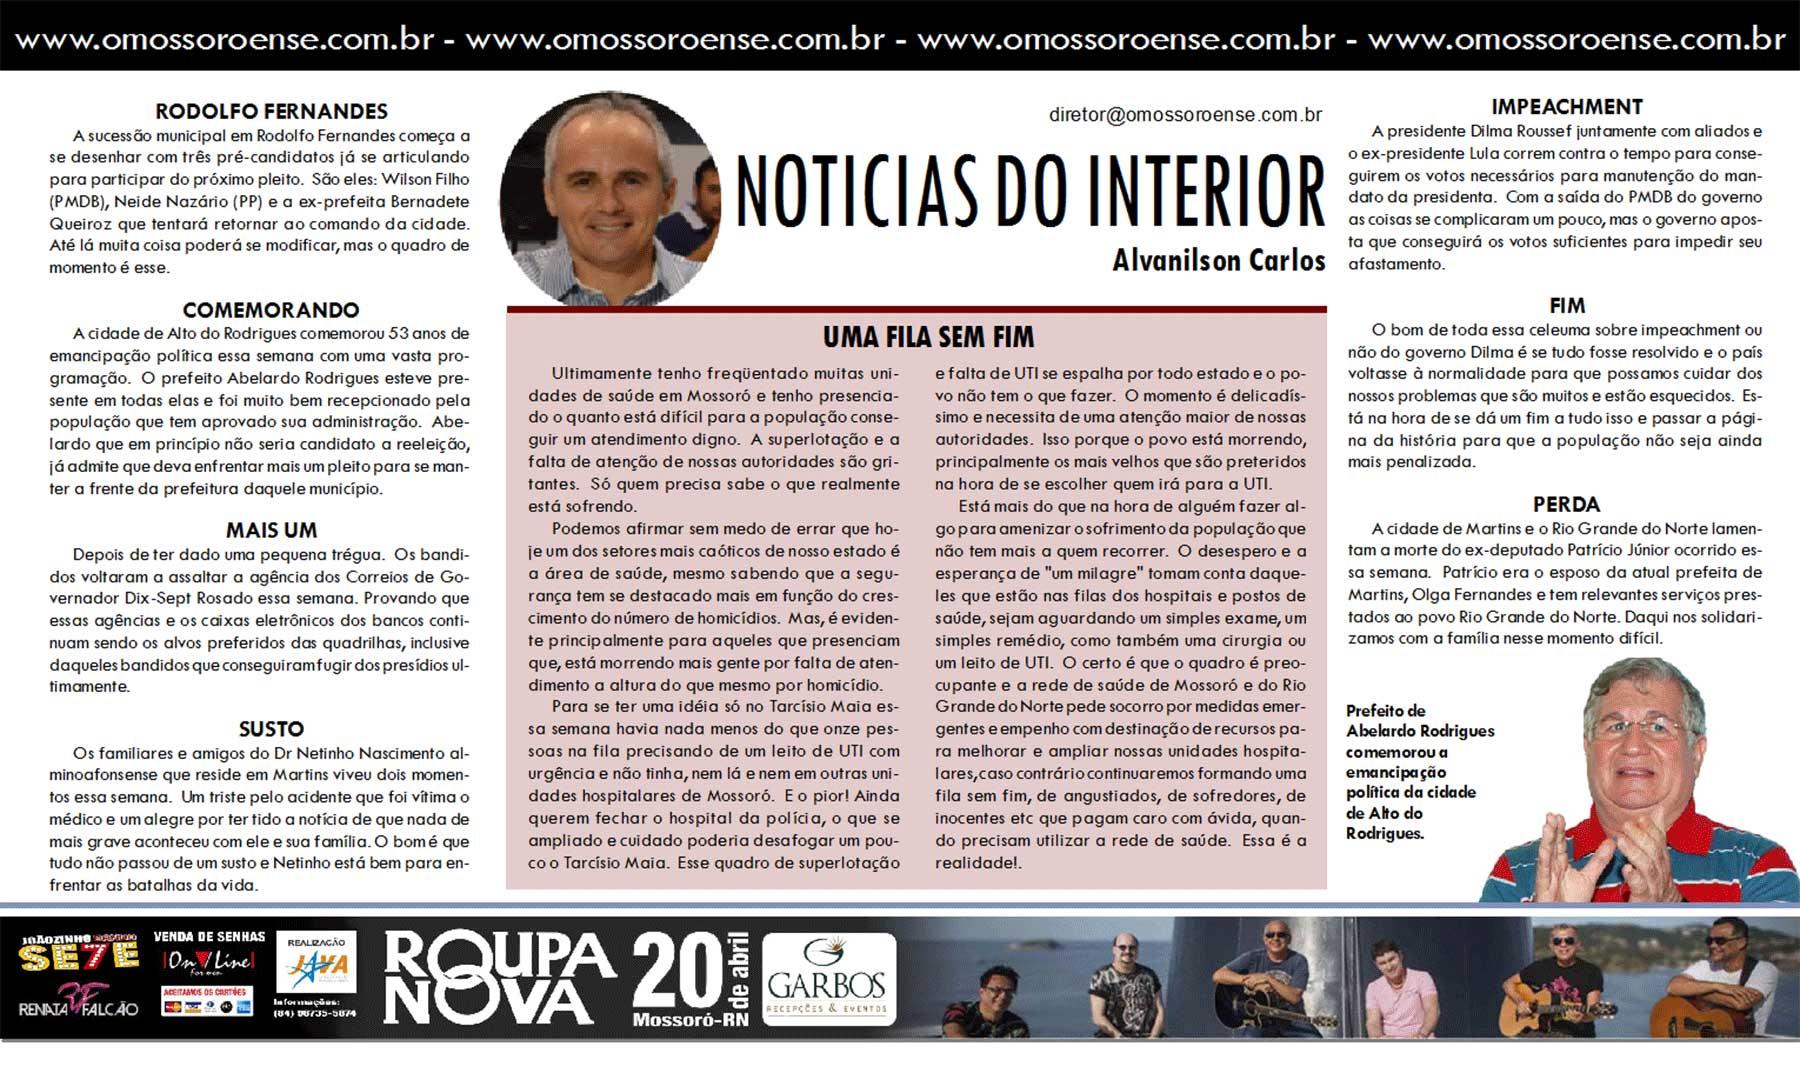 ALVANILSON-CARLOS---03-04-16